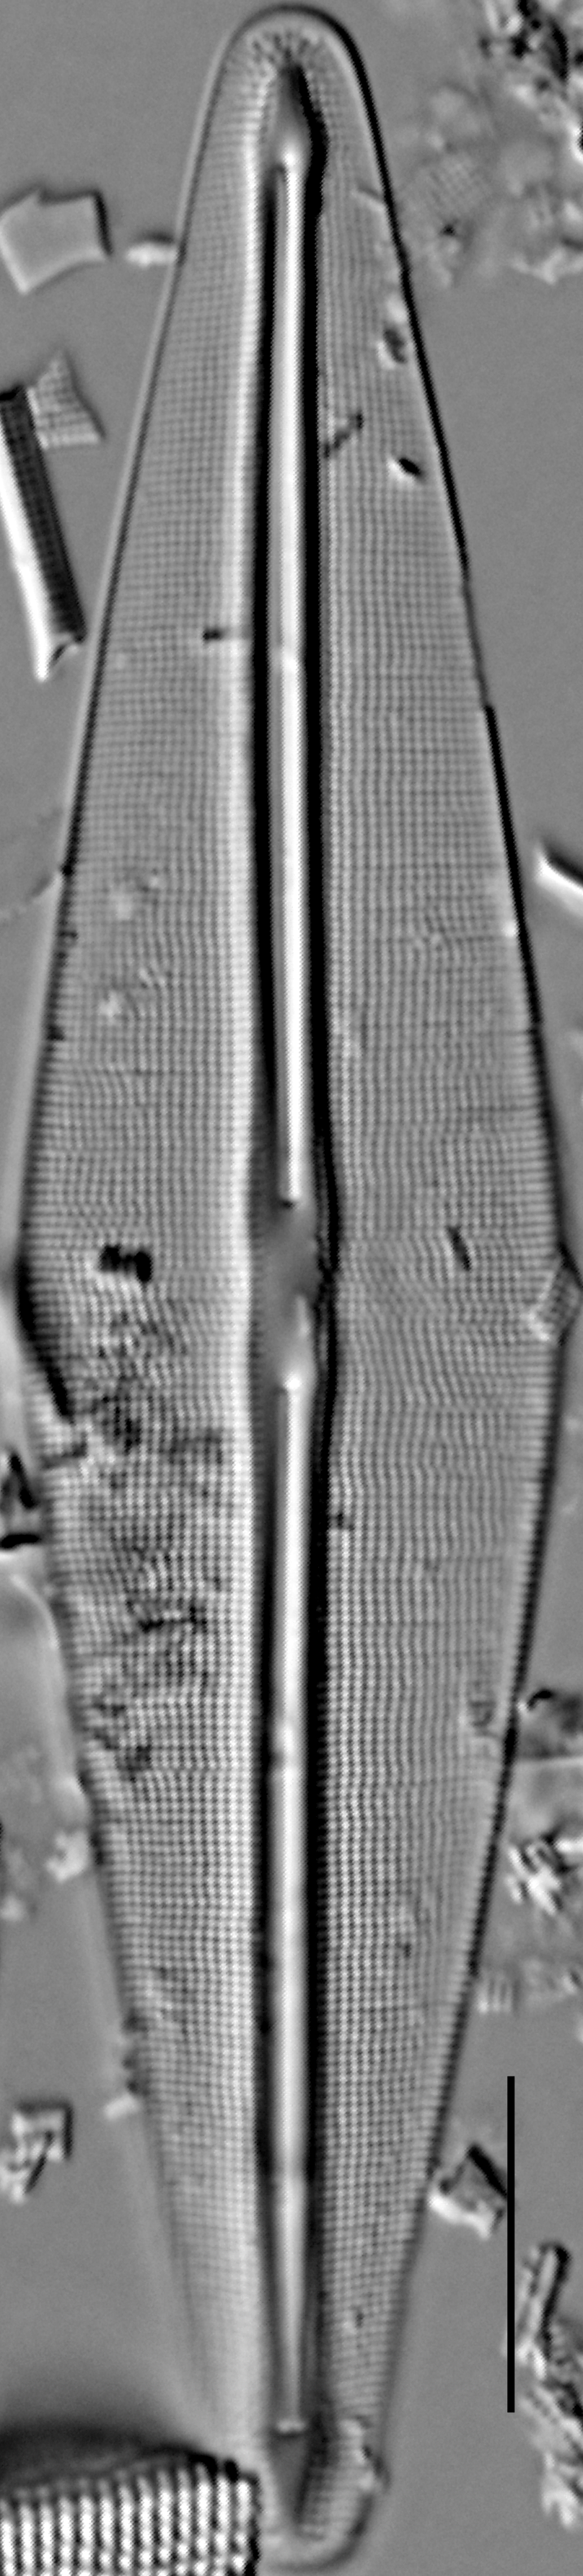 Frustulia saxonica LM5